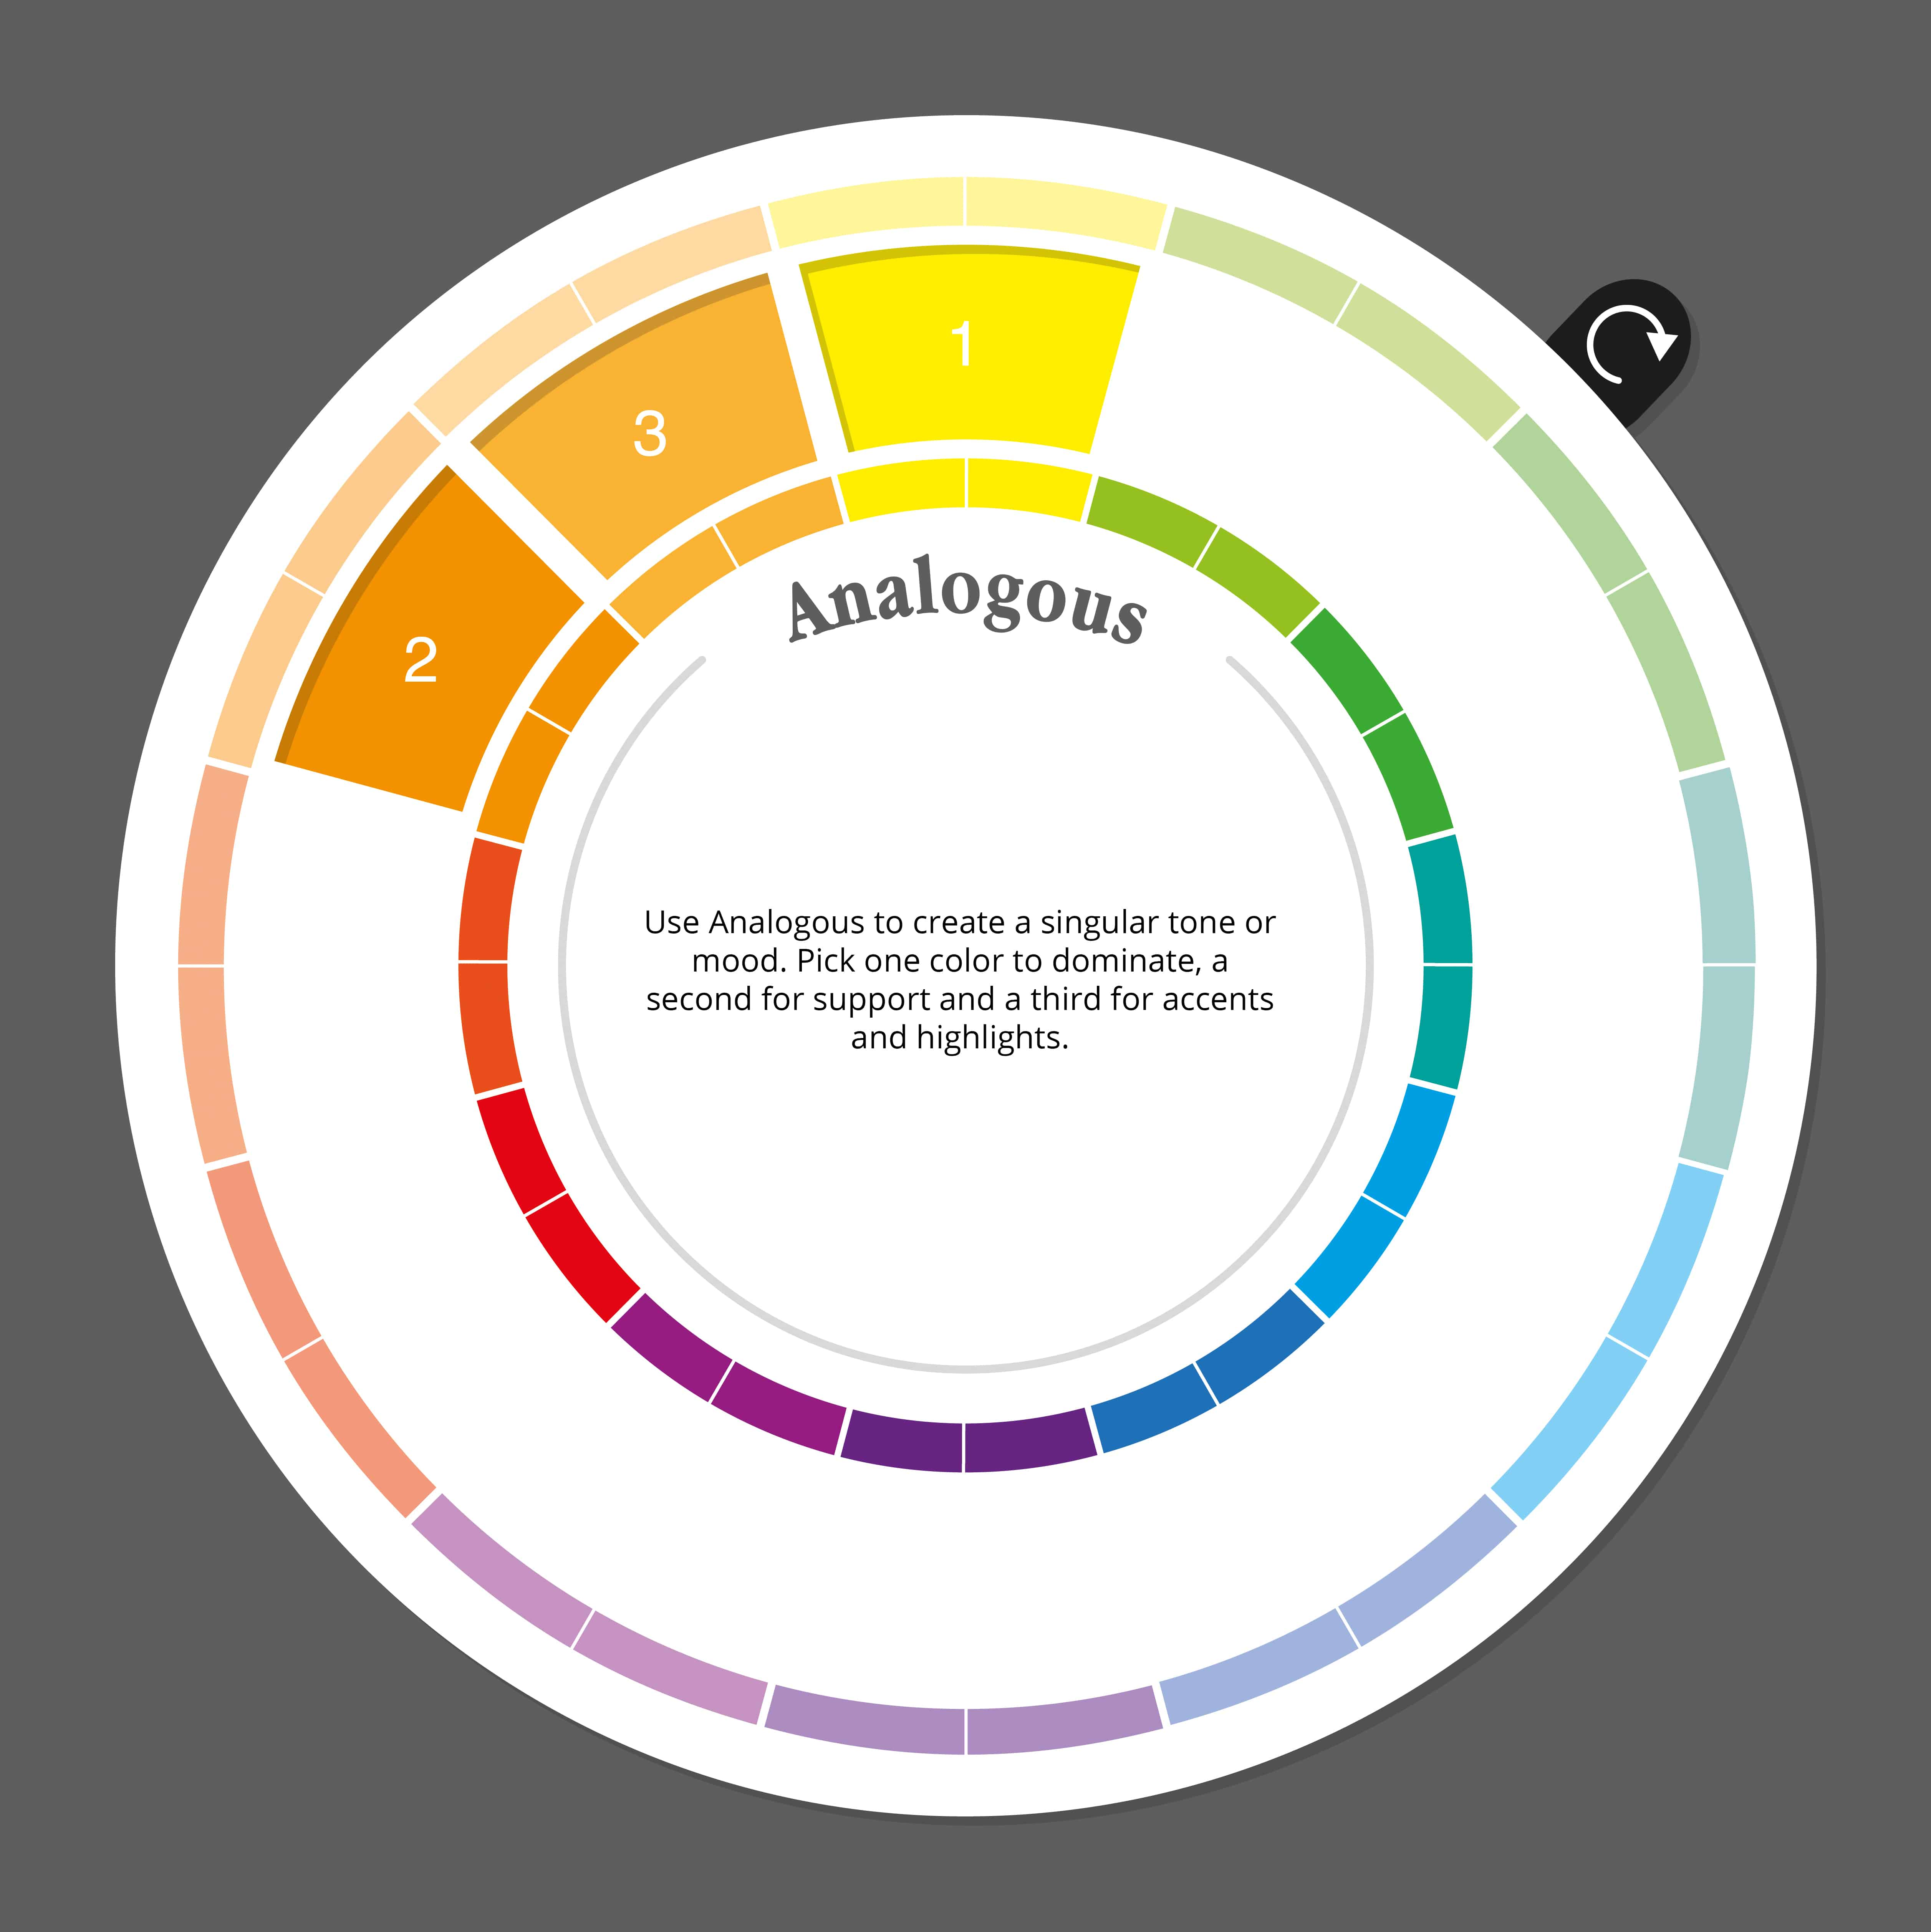 analogous color scheme shown on a color wheel